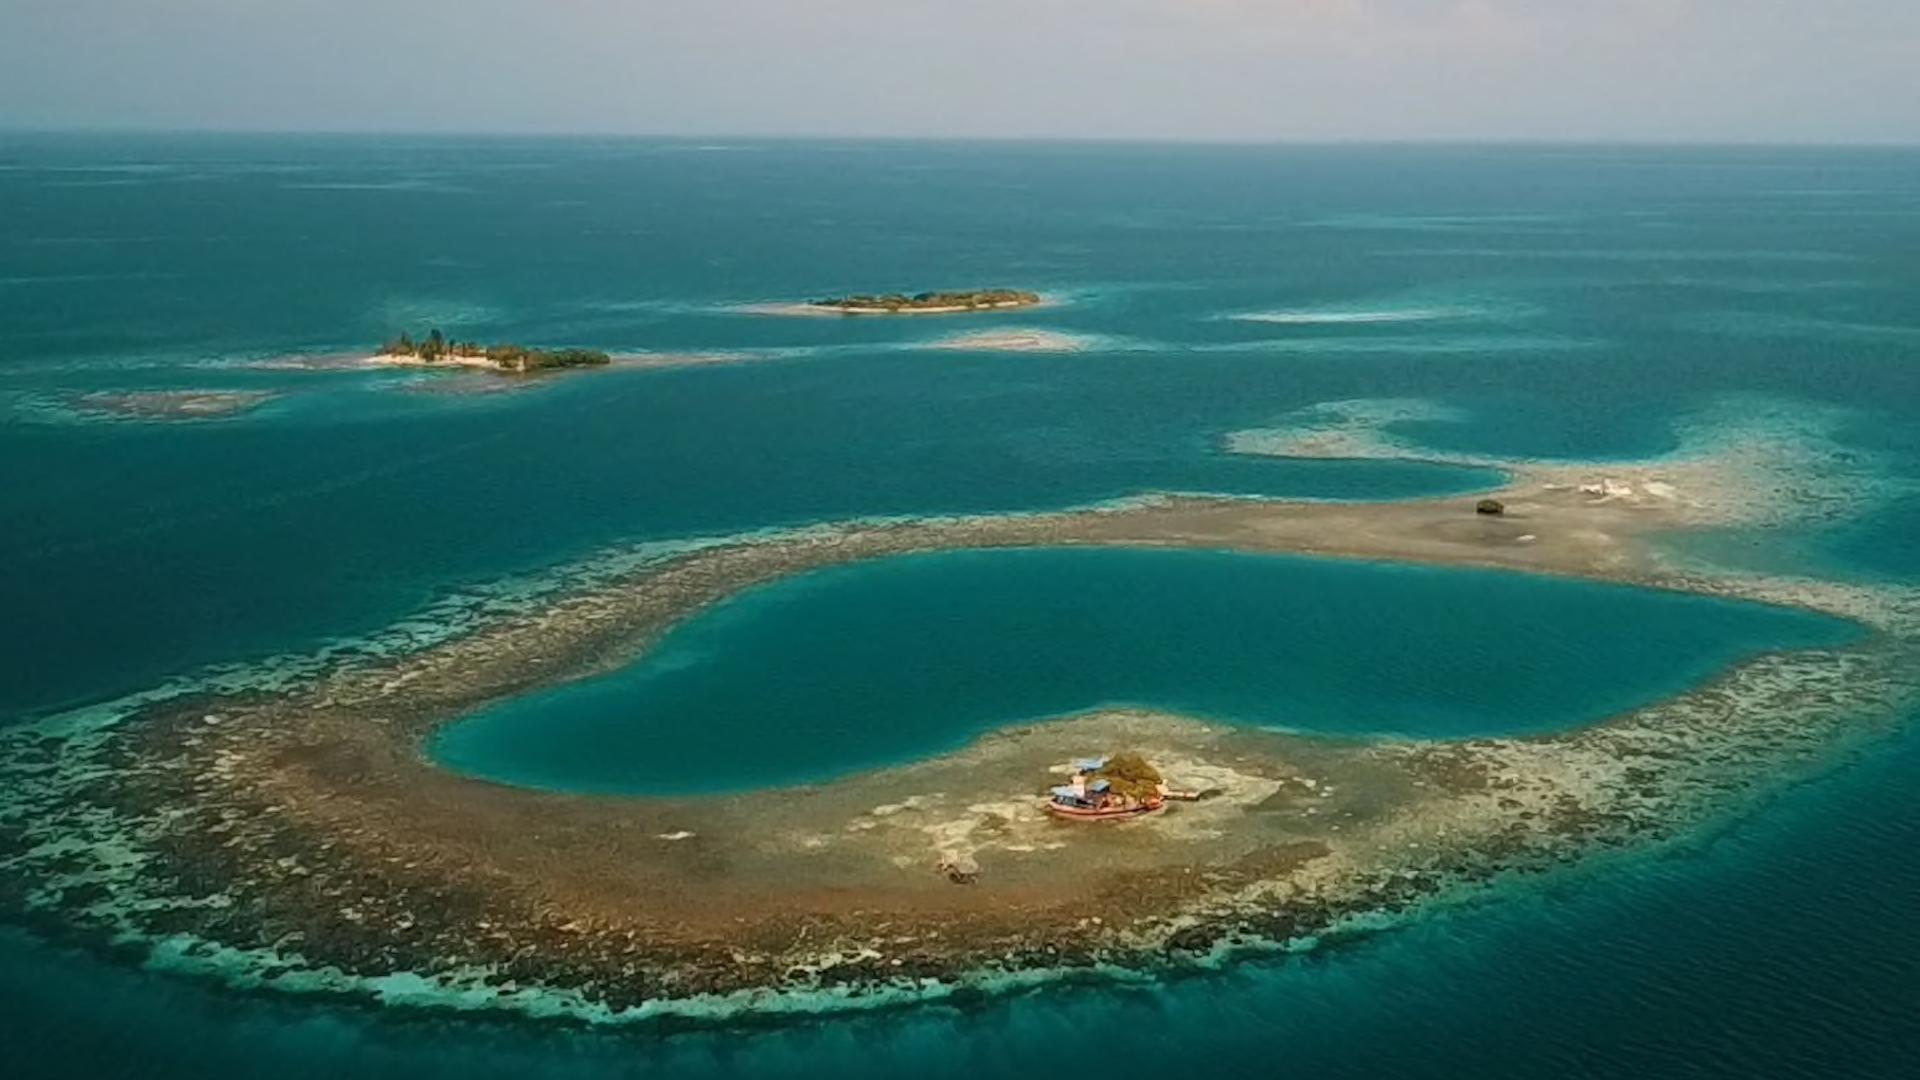 [Imágenes] Se puede alquilar una isla paradisíaca en el Caribe por menos de 500 dólares